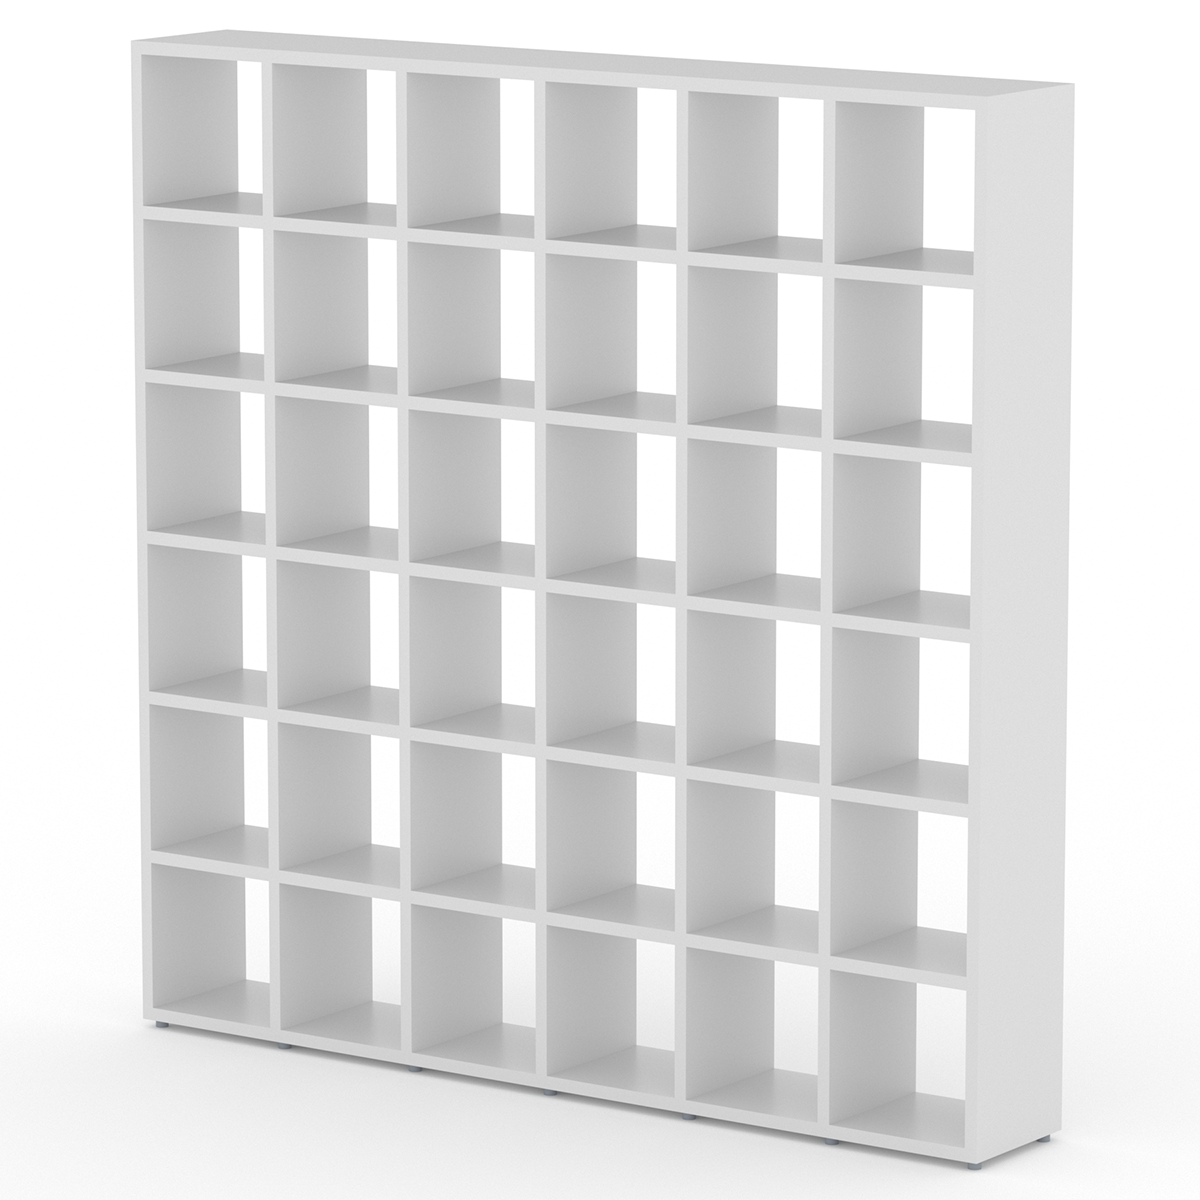 Boon 36 Cube White